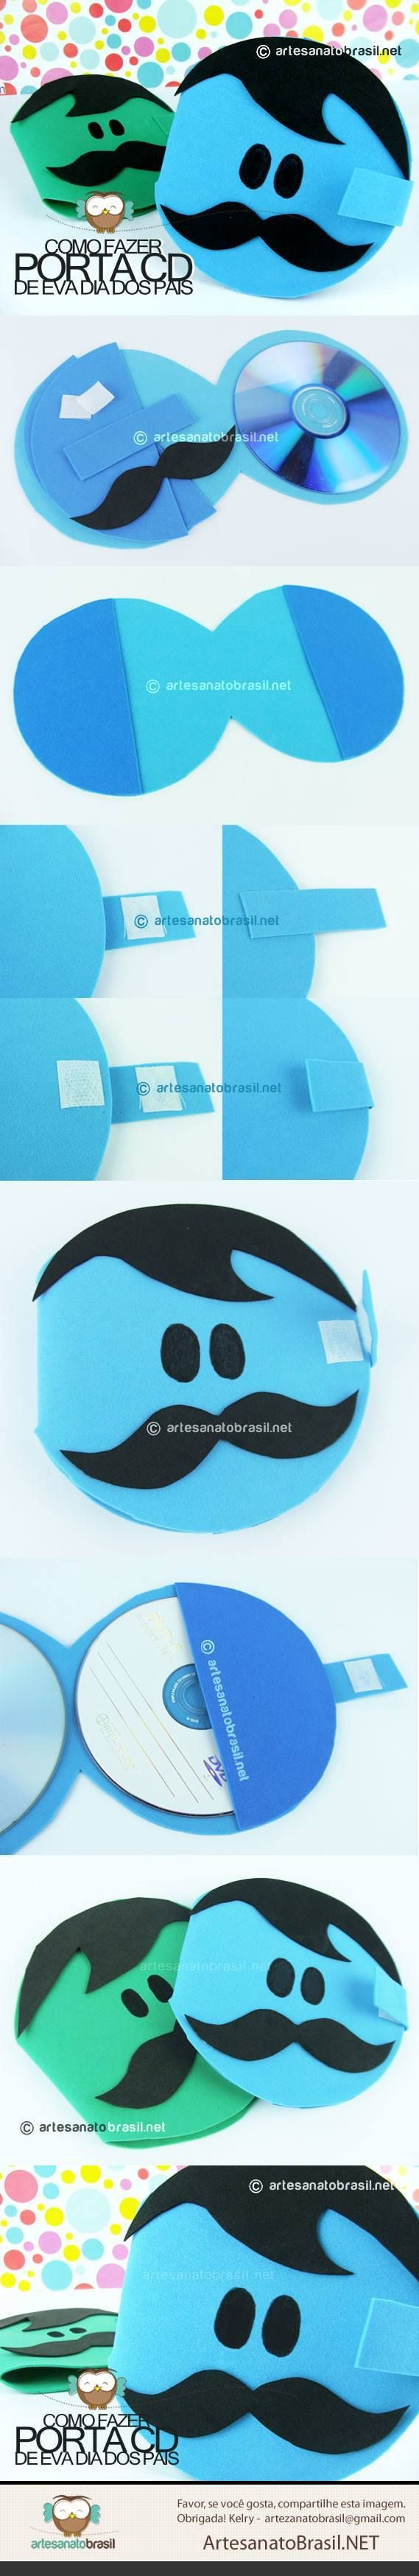 Porta CD de EVA #reciclagem - http://artesanatobrasil.net/porta-cd-de-eva-para-o-dia-dos-pais/